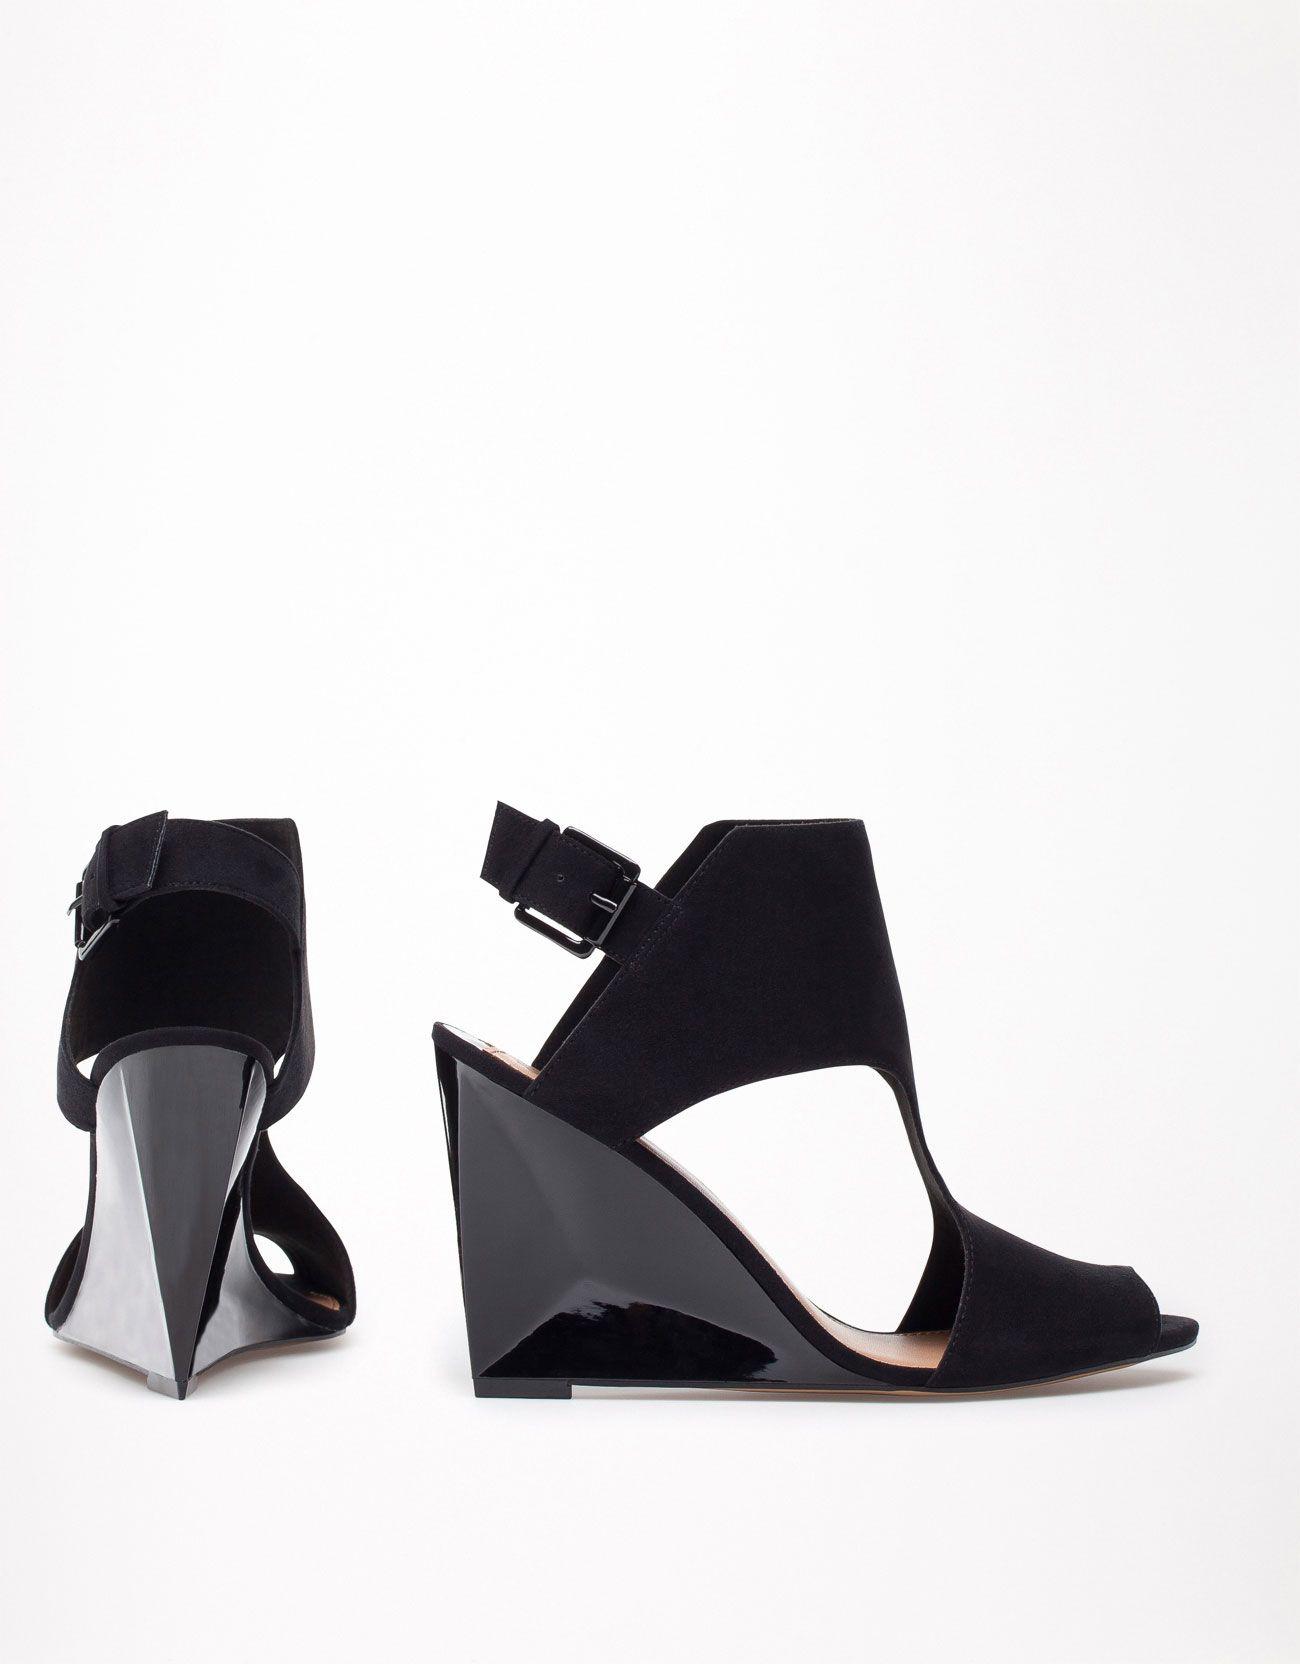 black wedges high heels - Keilschuh Bershka fersenfrei geometrischer Absatz